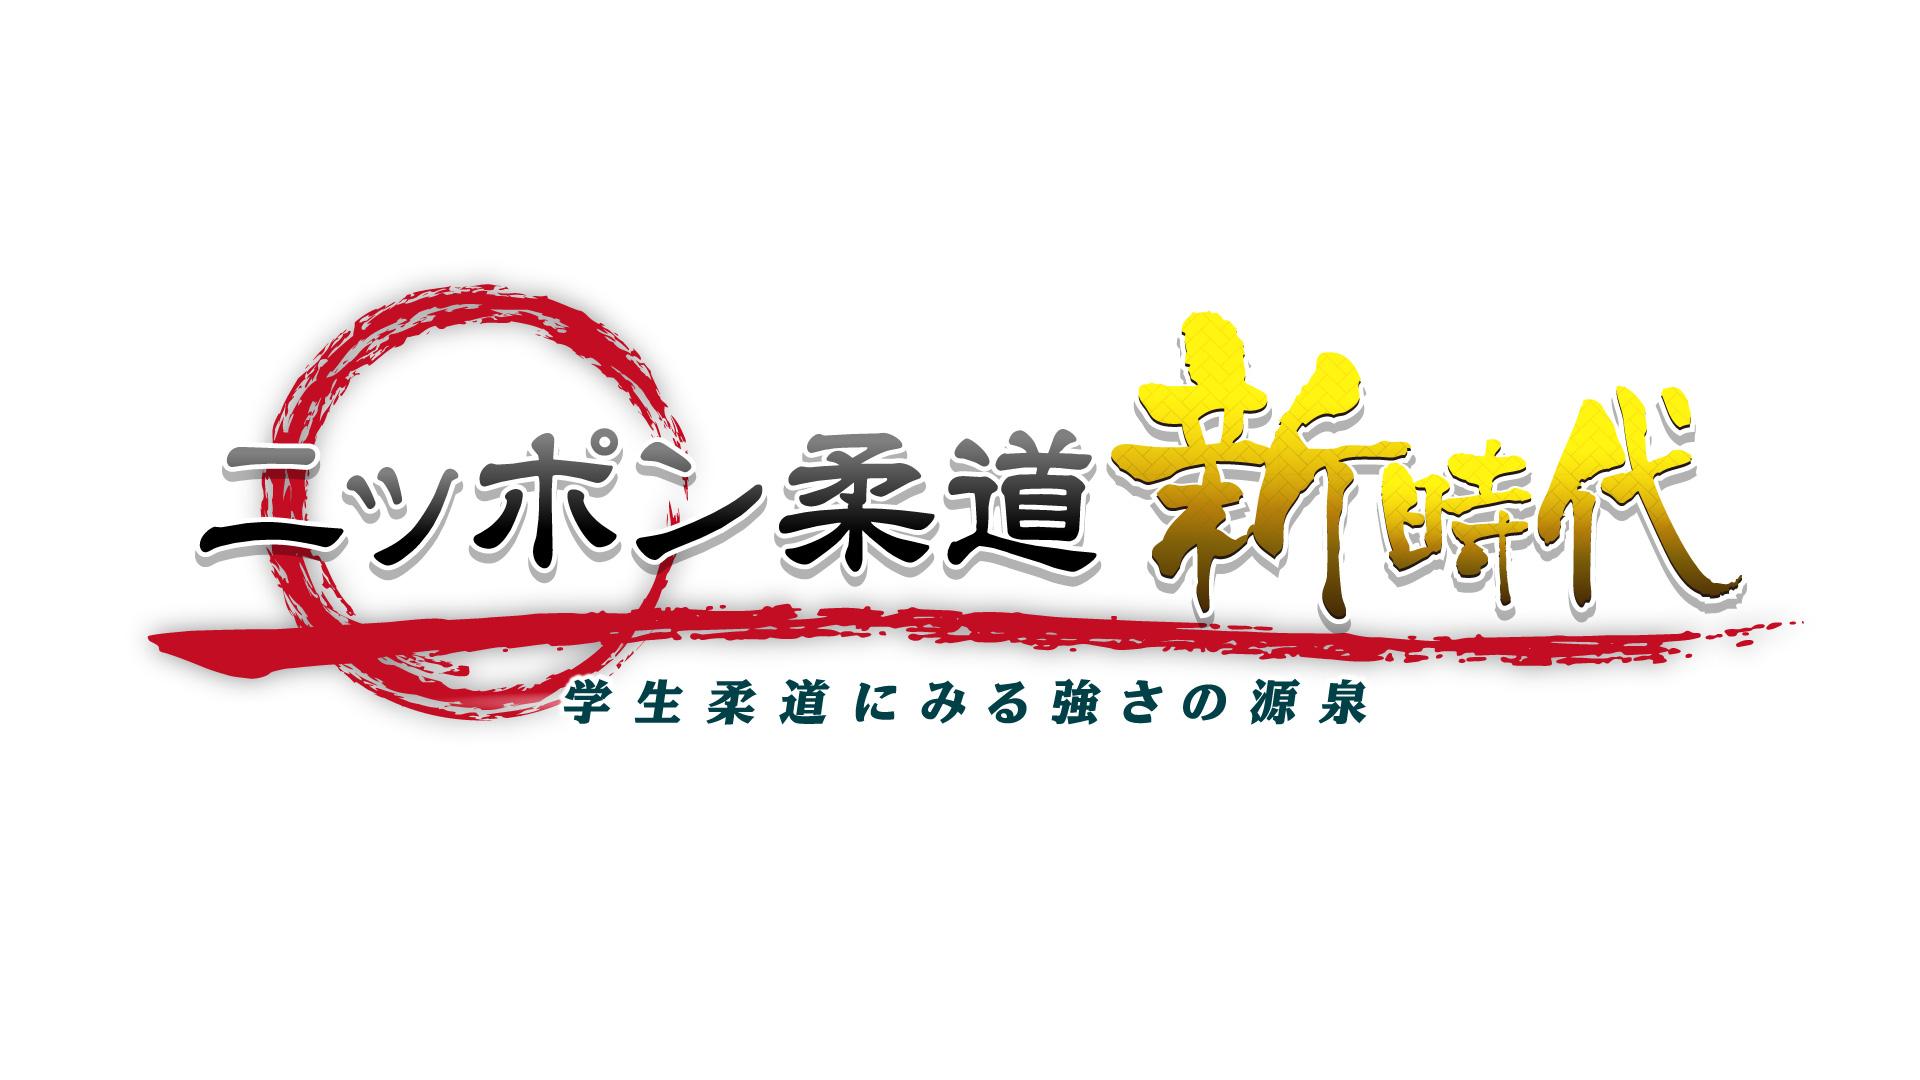 ニッポン柔道 新時代 ~学生柔道にみる強さの源泉~